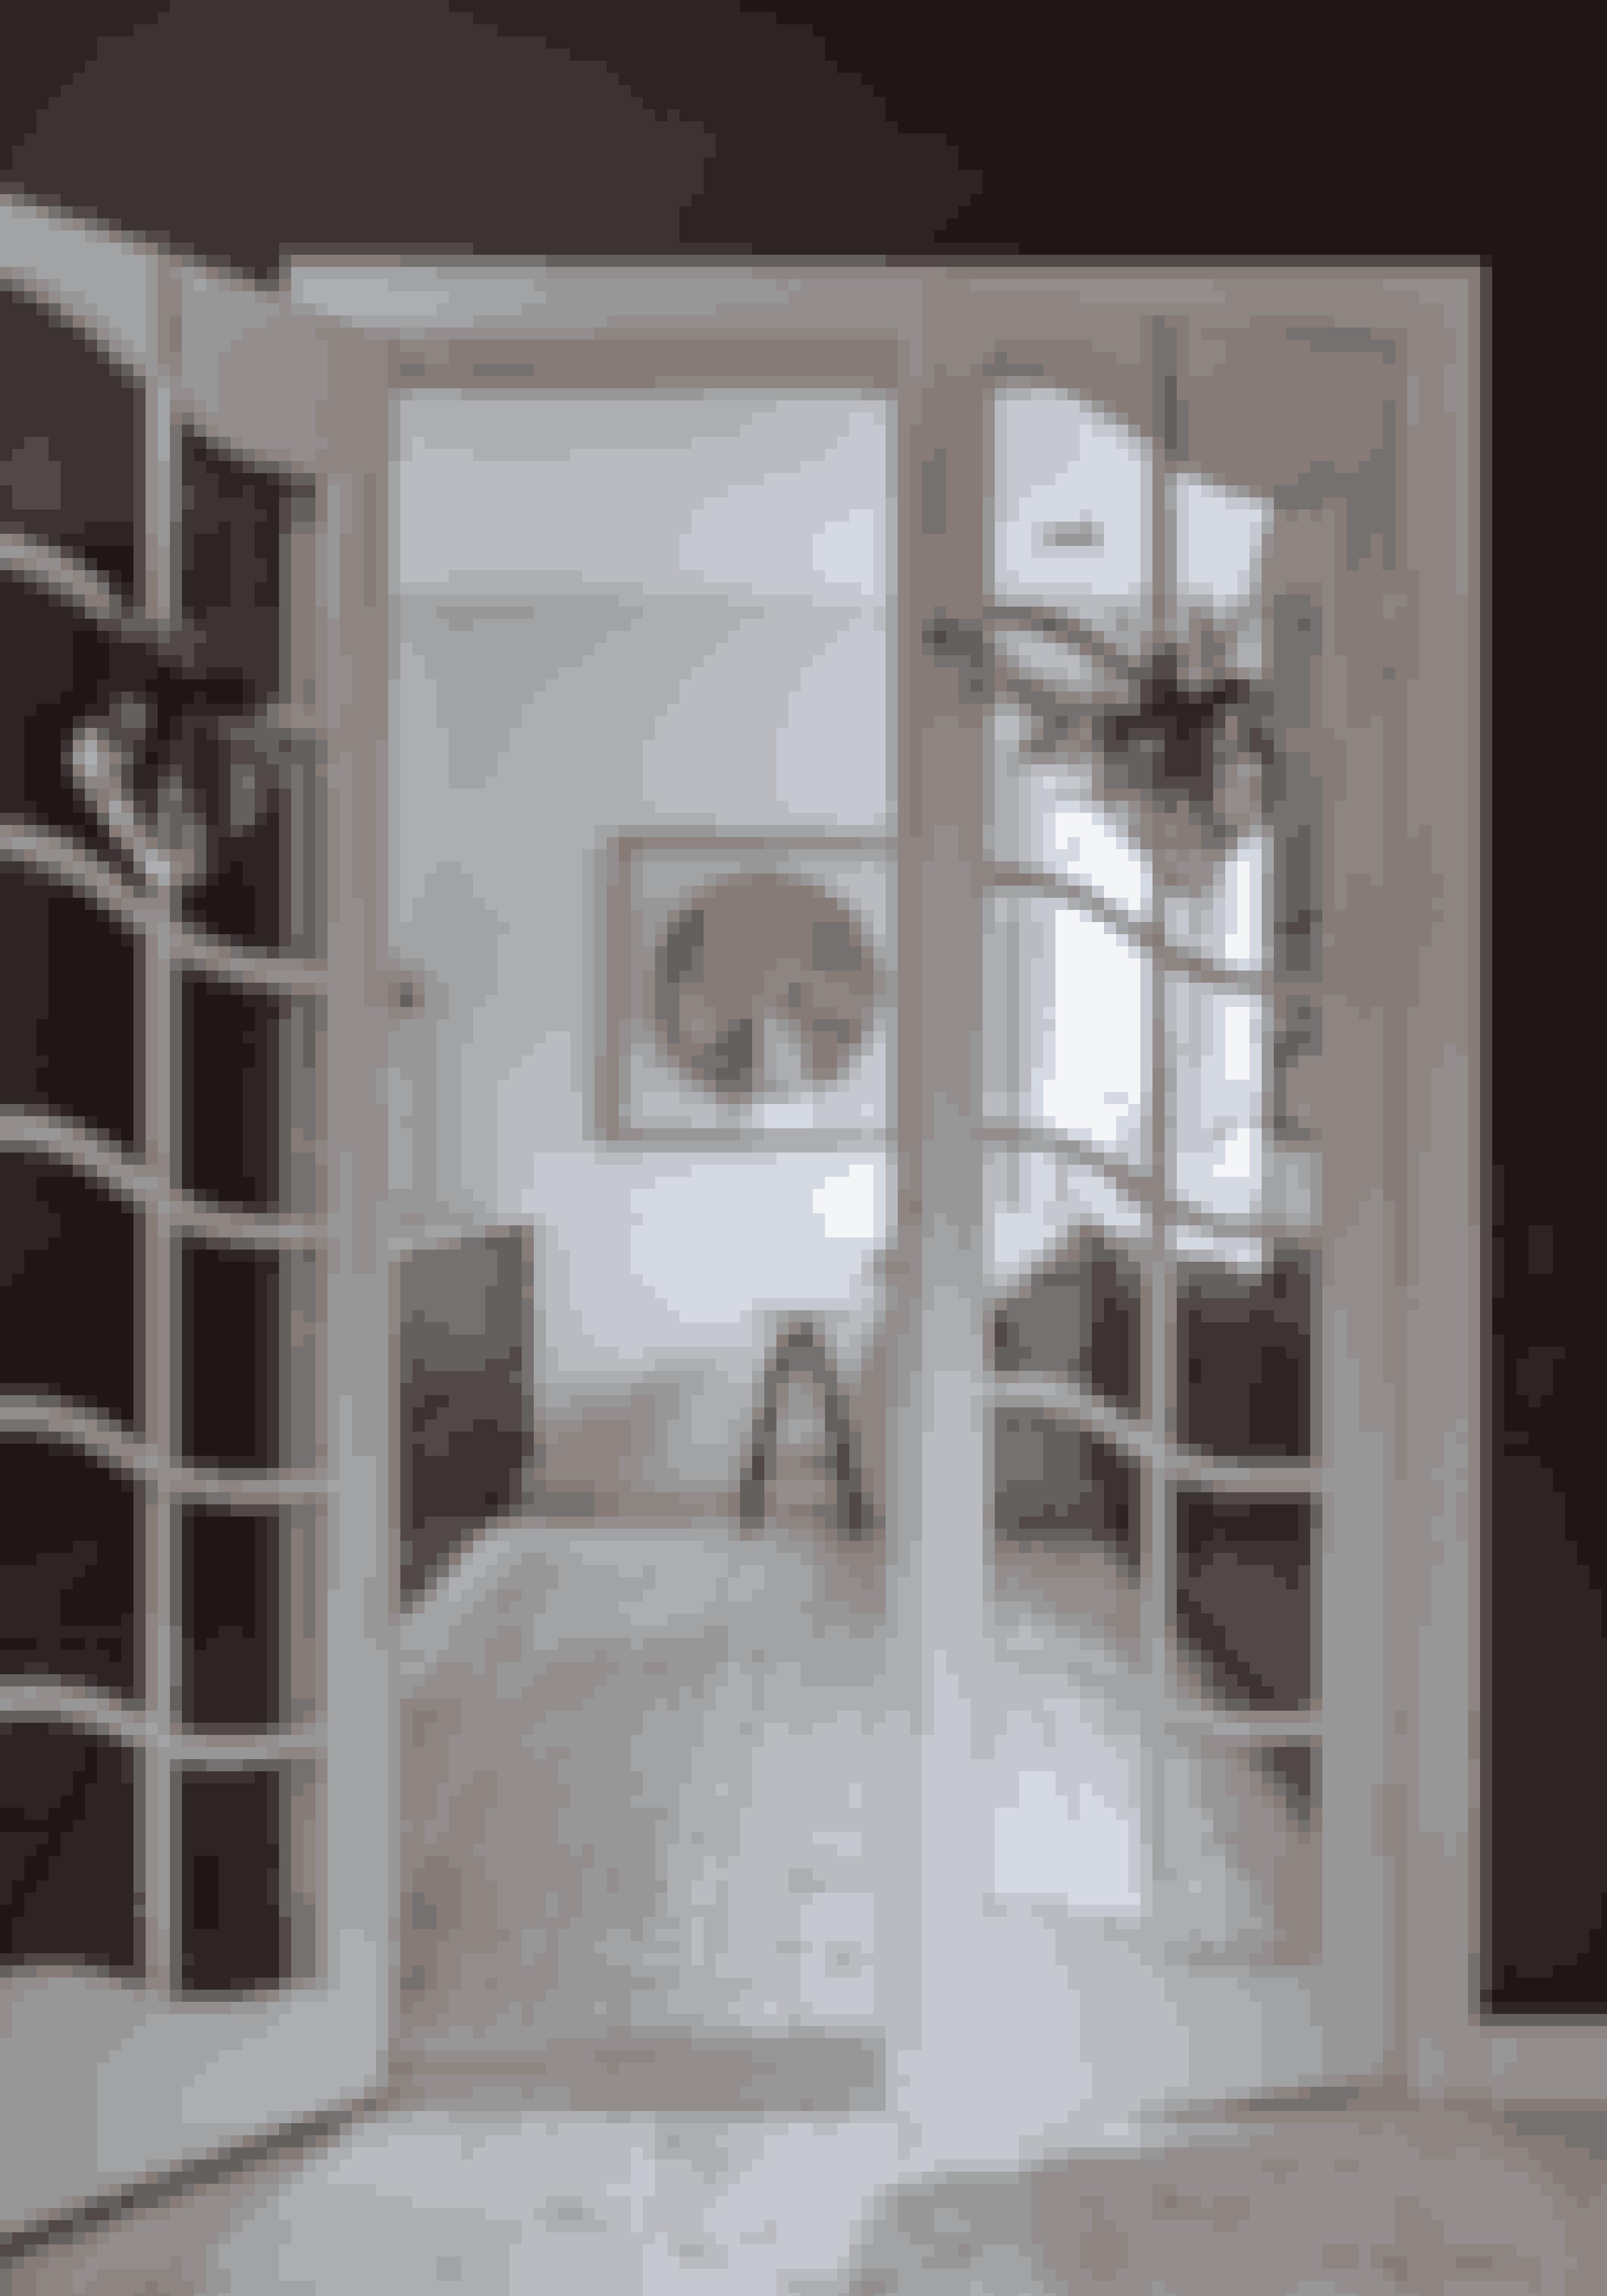 Spred julestemning med store guldhjerter pyntet med gran og velourbånd. I entréen hos familien Høvring pynter hjerterne på de franske døre, der med deres hvide højglans står i kontrast til væggenes matte antracit.